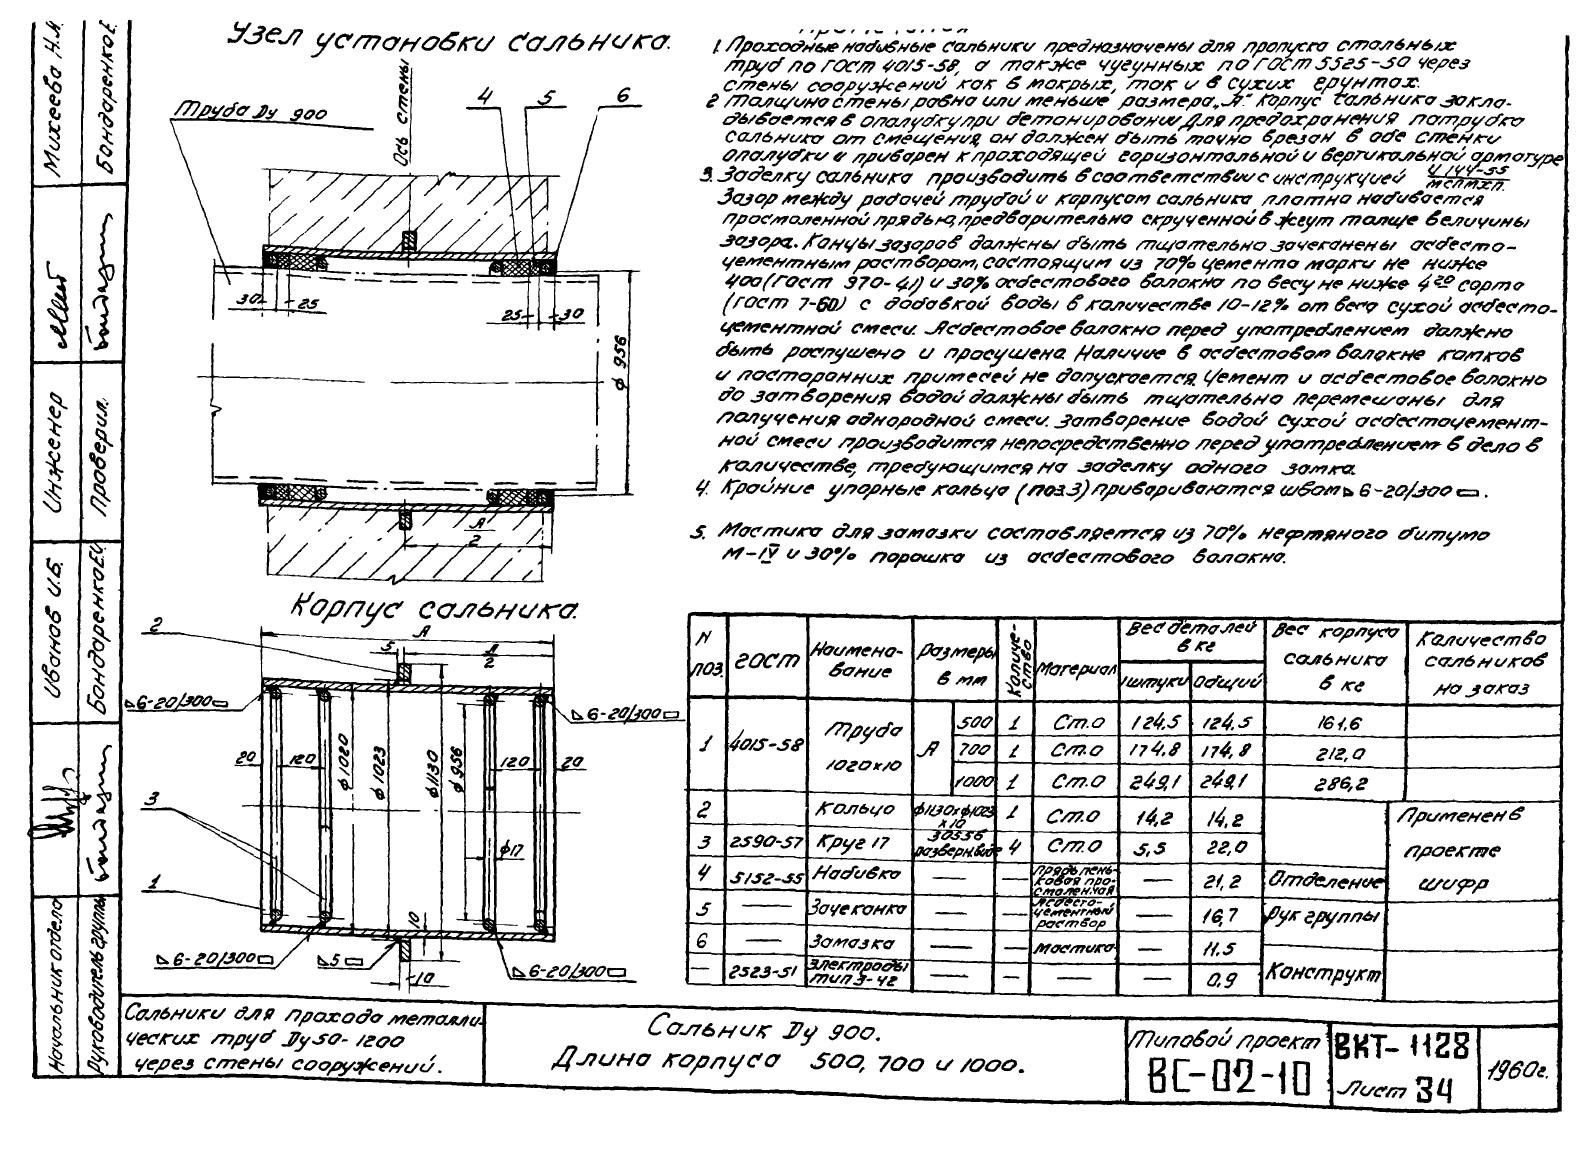 Сальники набивные L = 700 мм типовой проект ВС-02-10 стр.16